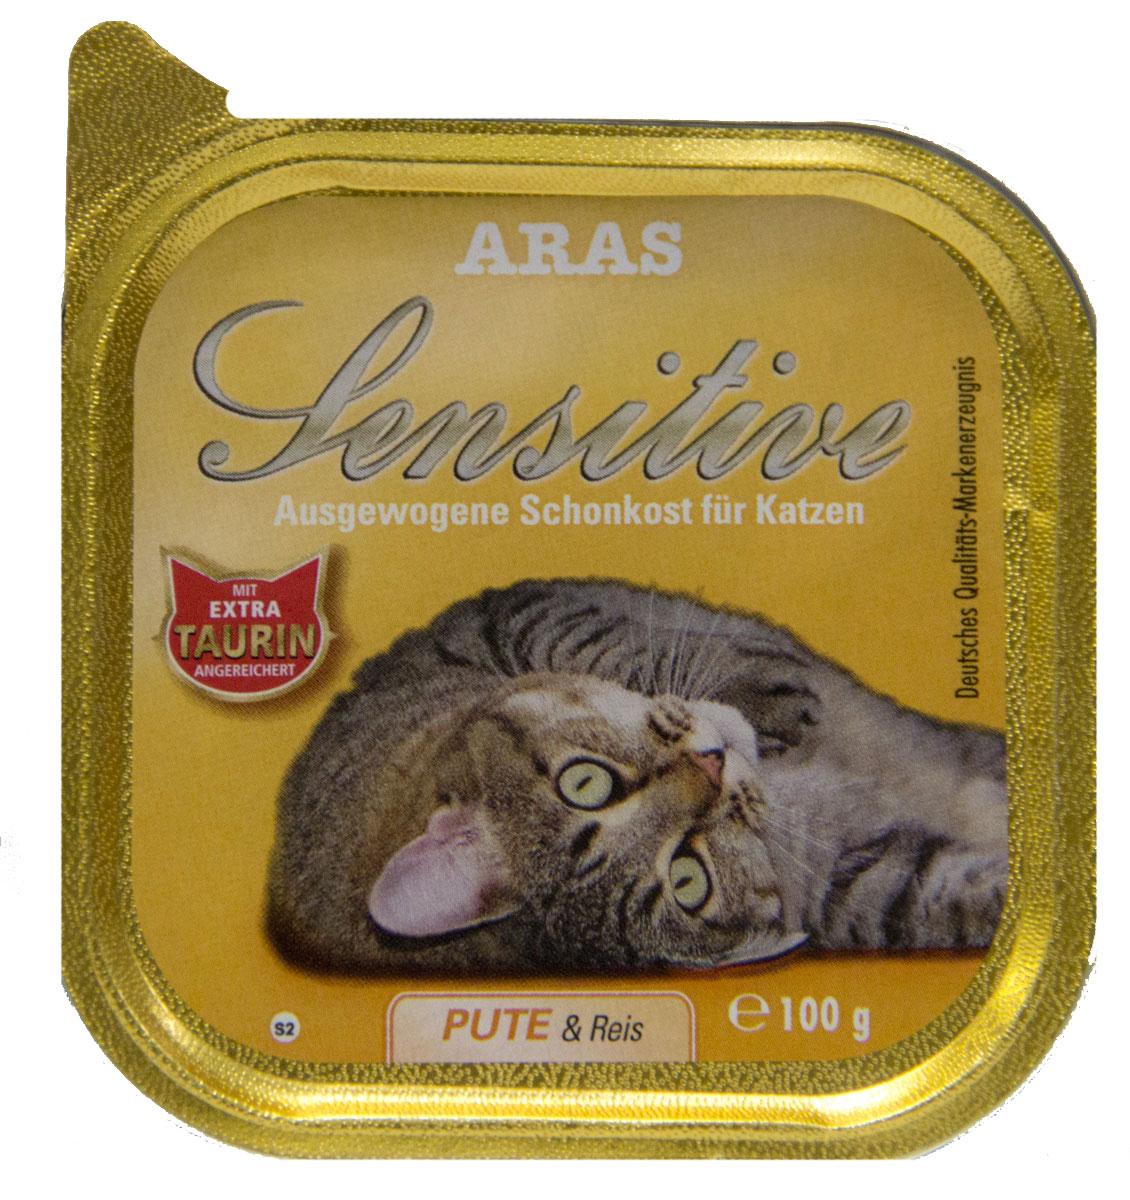 Консервы Aras Sensitive для кошек с чувствительным пищеварением, с индейкой и рисом, 100 г0120710Консервы Aras Sensitive - натуральное диетическое питание пониженной калорийности для кошек всех пород с чувствительным пищеварением, пожилых или с избыточным весом. Также идеально подходит для кошек с проблемами пищеварения и аллергиями. Особенности корма: - Приготовлен из стопроцентного мяса индейки или баранины- Без химических красителей, усилителей вкуса- Без искусственных консервантов- Без химических добавок- Со стопроцентным рисом - единственным источником углеводов- Исключительно из свежих ингредиентов- При производстве максимально сохранены витамины- Гарантия свежести- Дополнительная порция таурина- Диетическое питание пониженной калорийностиСостав: свежее мясо индейки и субпродукты 98%, рис 1%, минералы 1%, таурин 150 мг/кг. Пищевая ценность: белки 8,1%, жиры 3,9%, зола 2,5%, клетчатка 0,3%, влажность 79,9%. Товар сертифицирован.